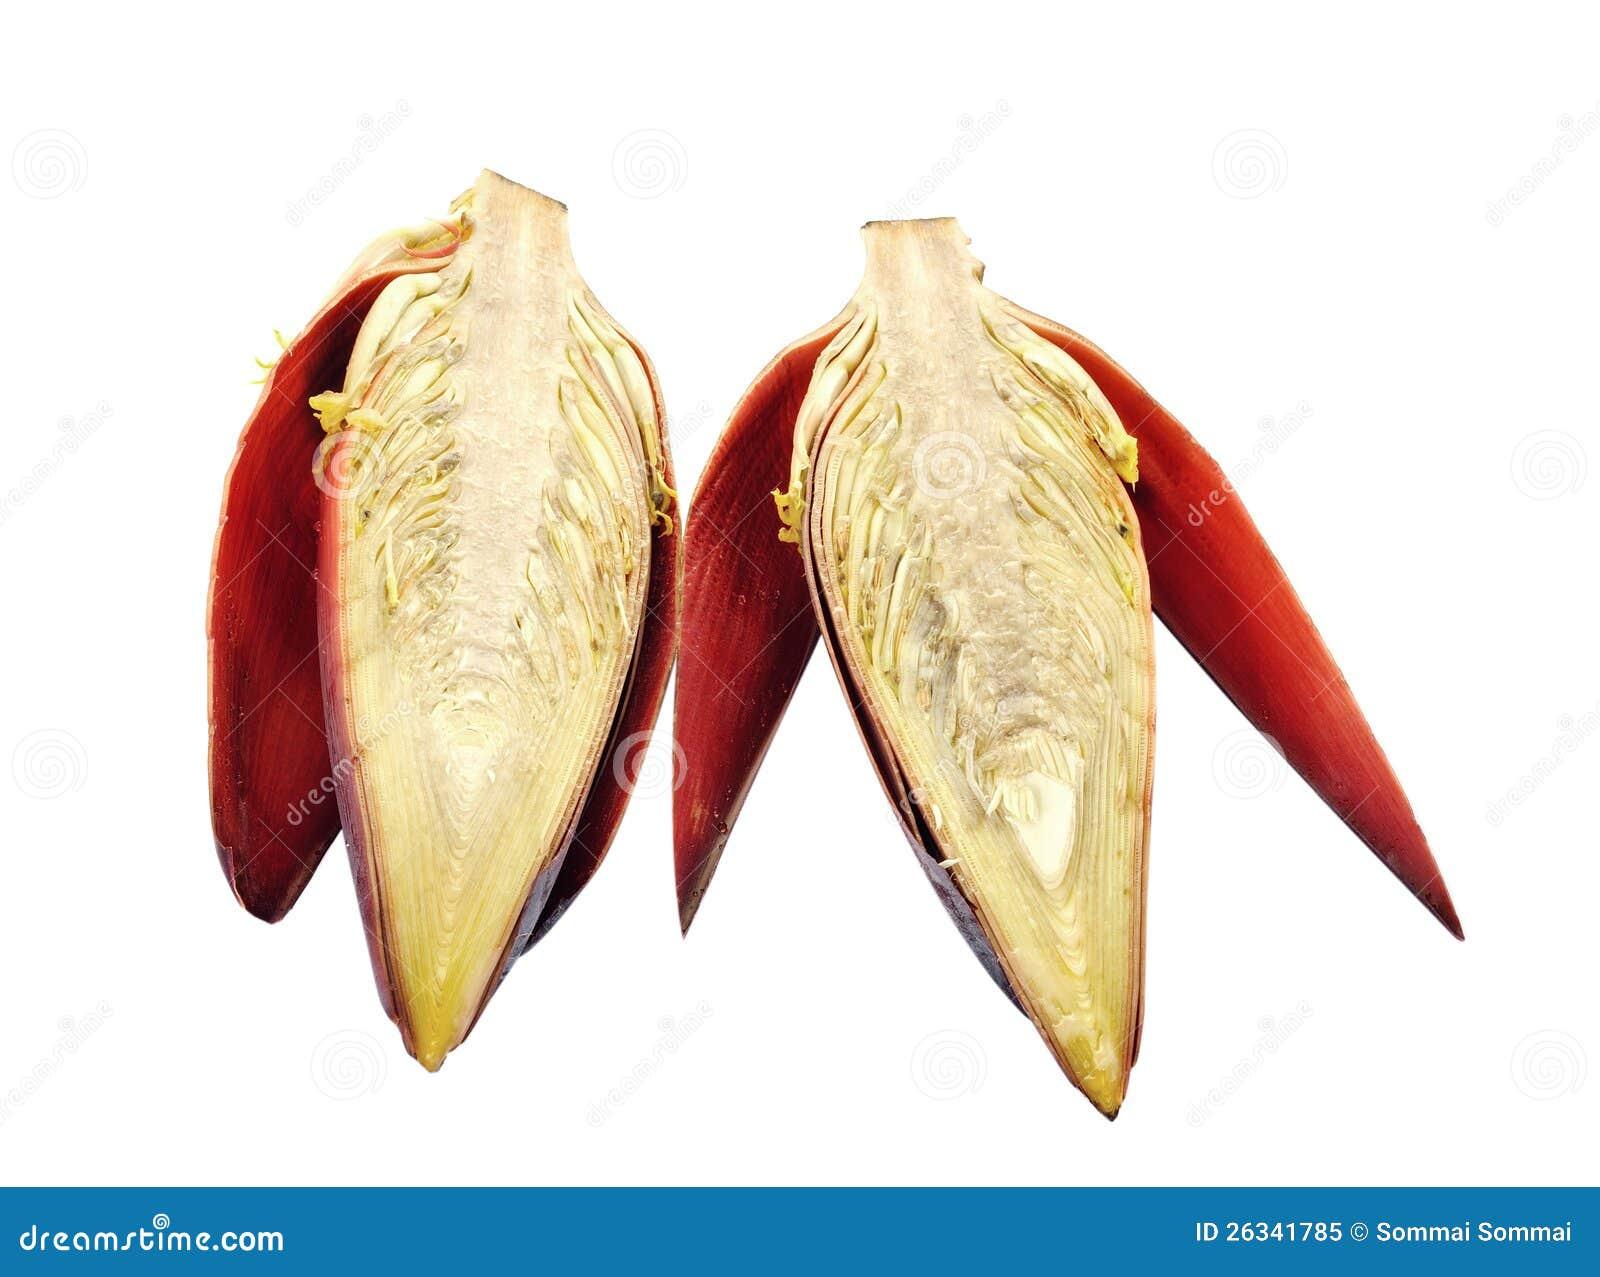 Banana Blossom Royalty Free Stock Image